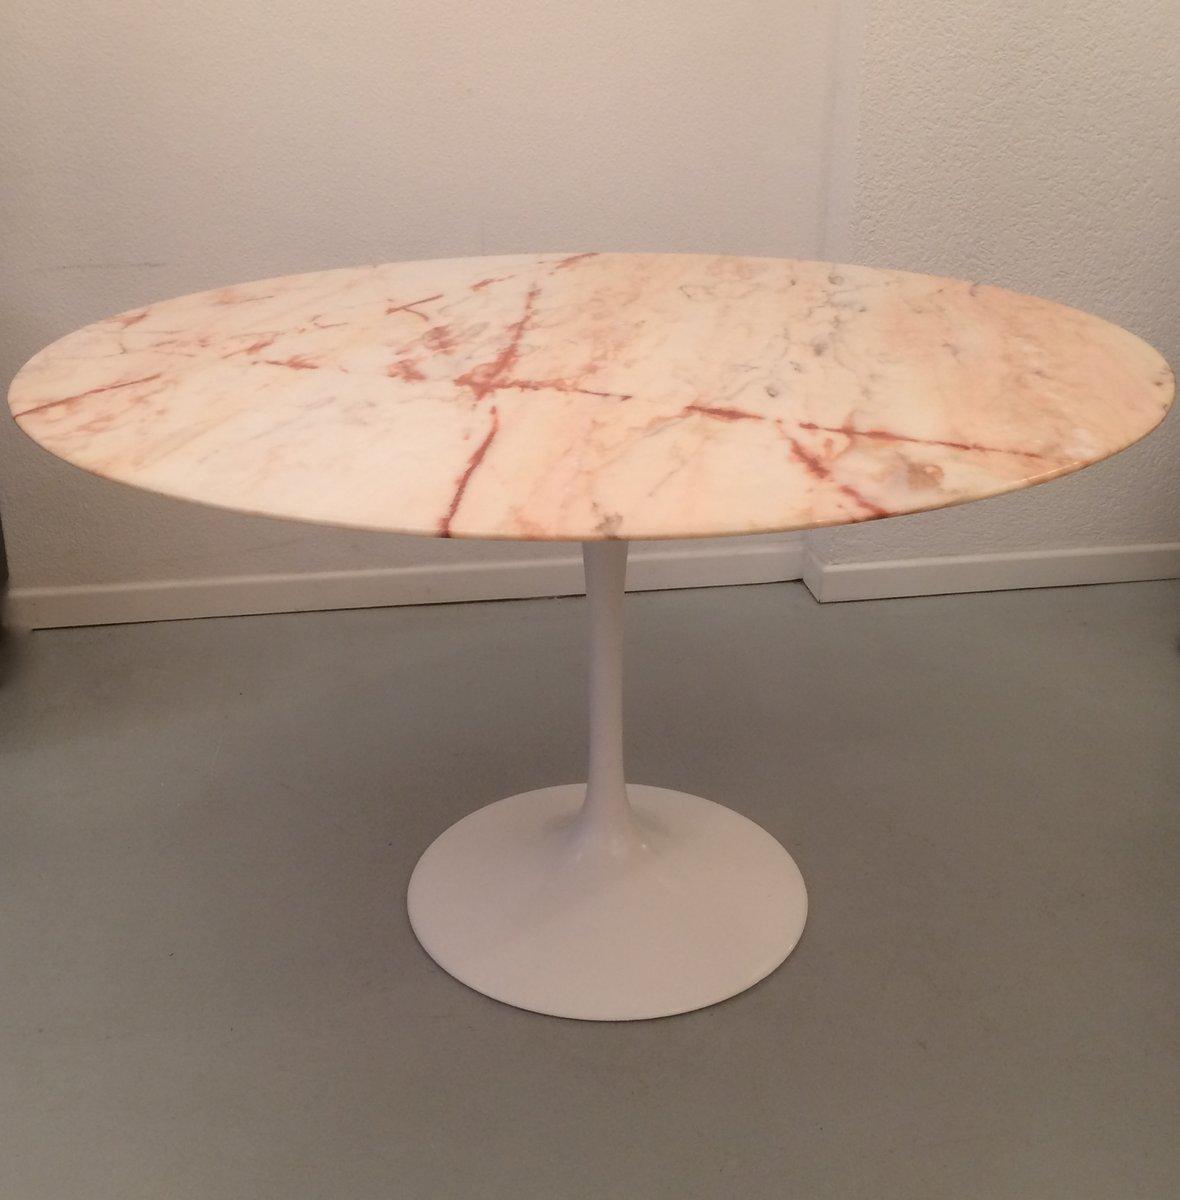 Tavolo da pranzo in marmo rosa tulipano di eero saarinen per knoll anni 39 70 in vendita su pamono - Tavolo saarinen knoll originale ...